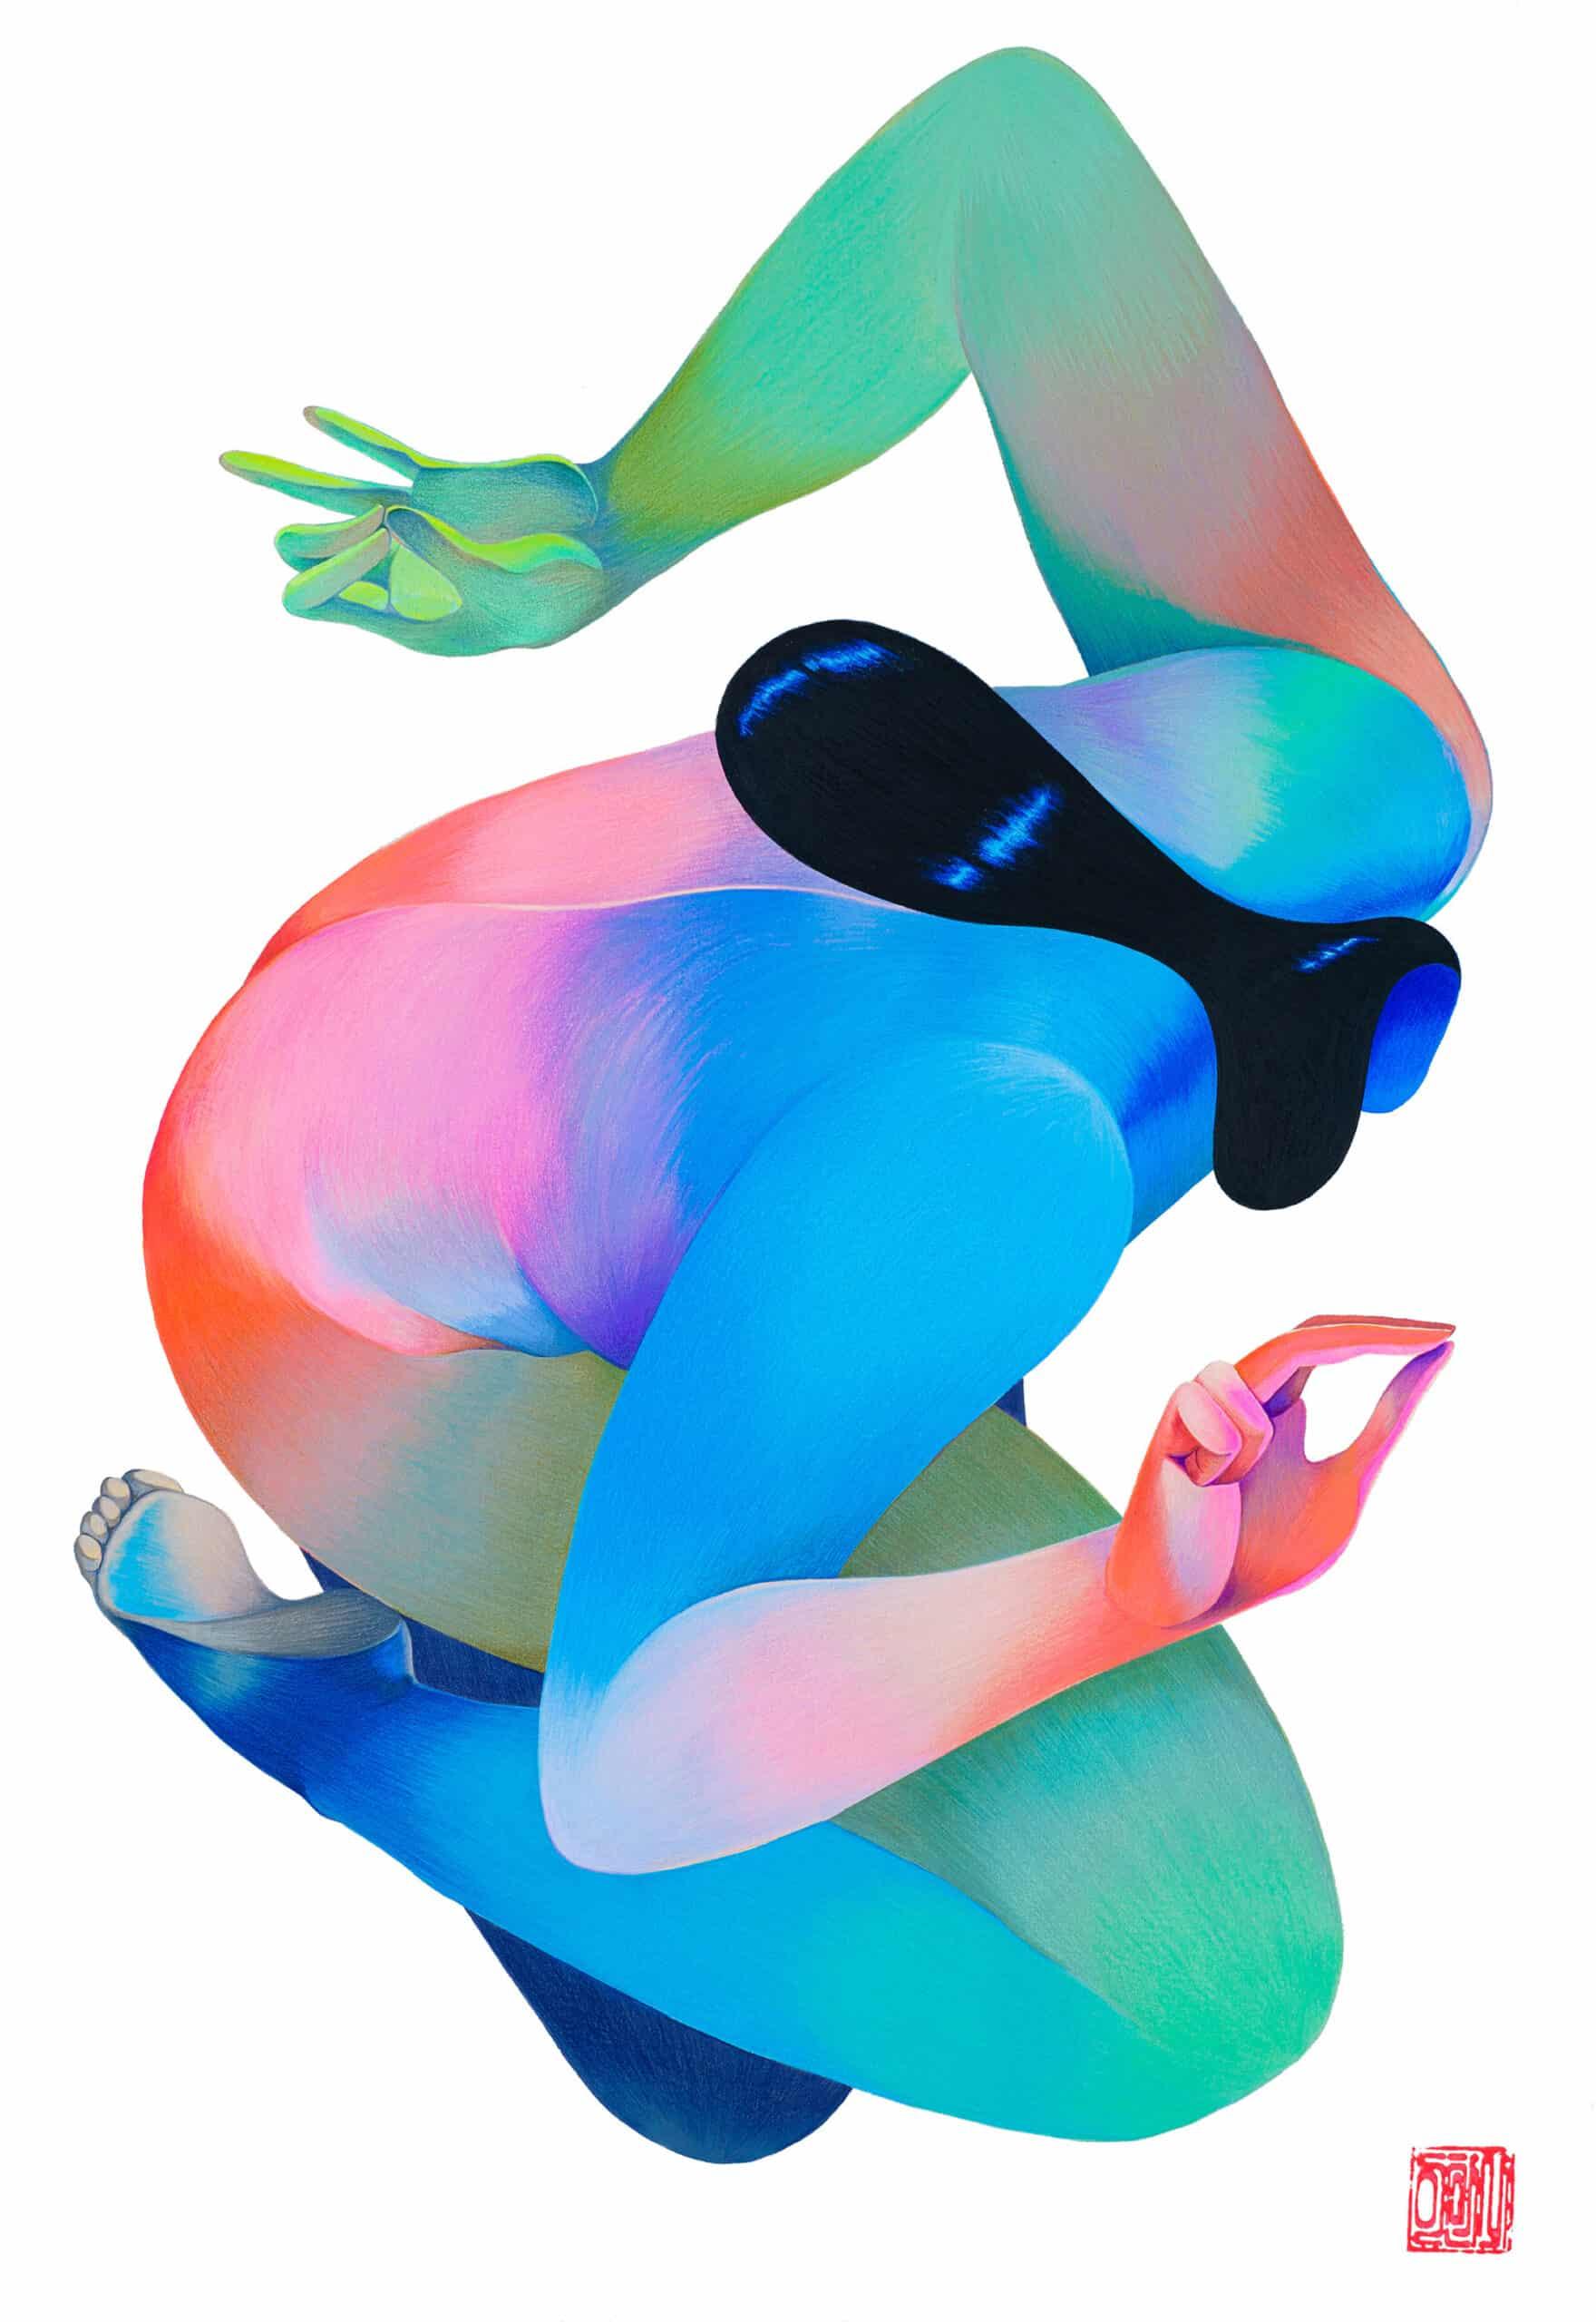 joshi mujeres yogui prosperidad